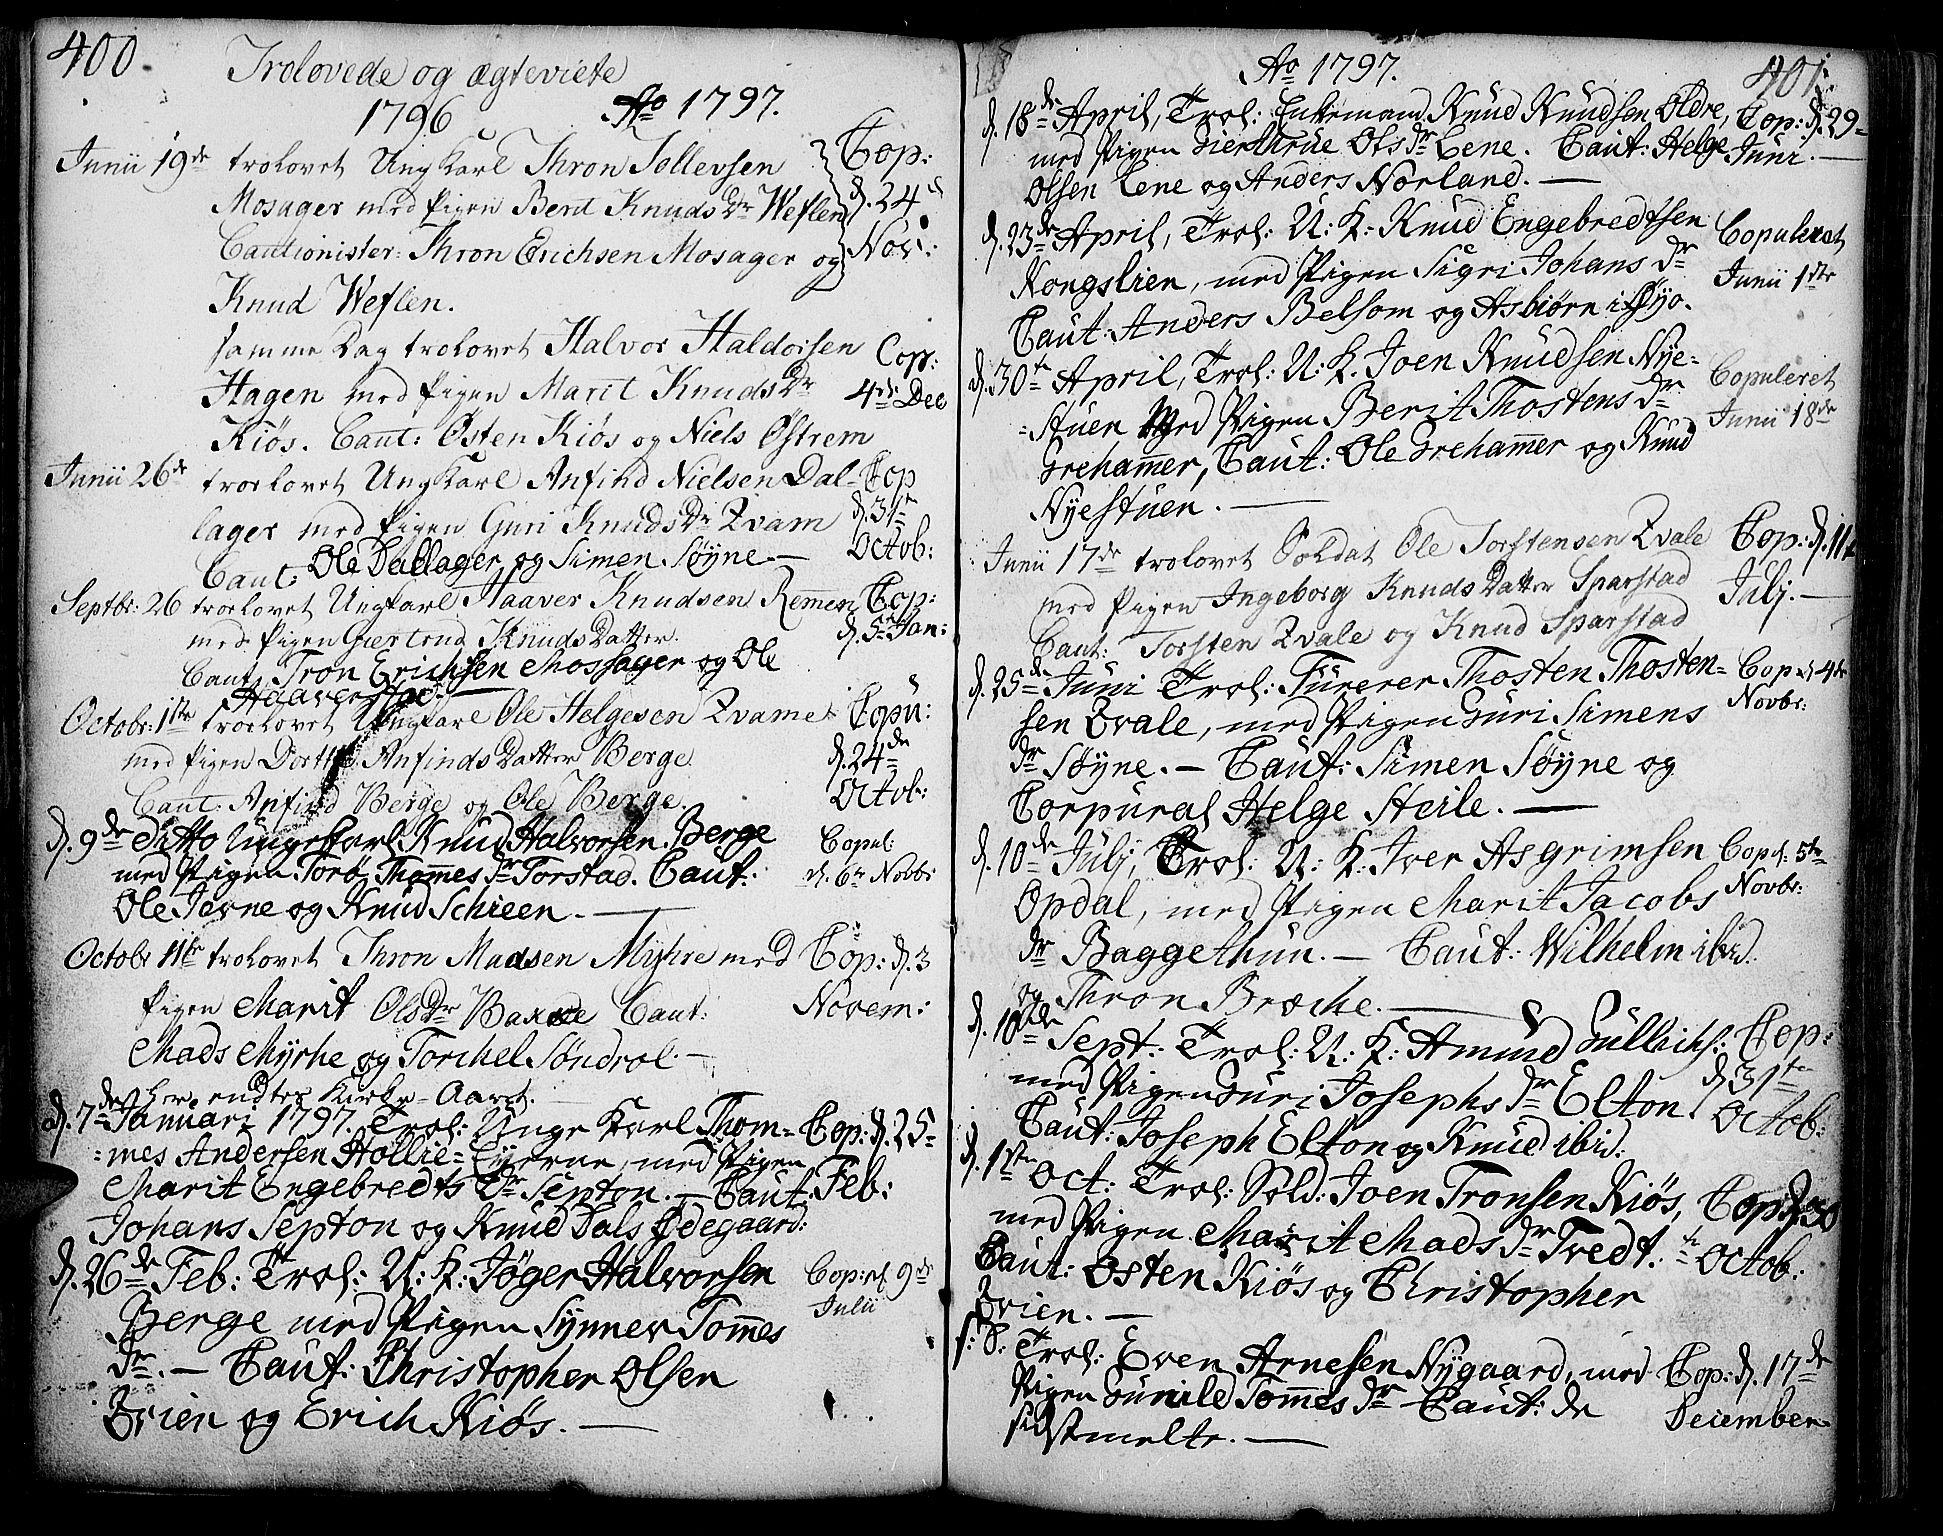 SAH, Vang prestekontor, Valdres, Ministerialbok nr. 2, 1796-1808, s. 400-401